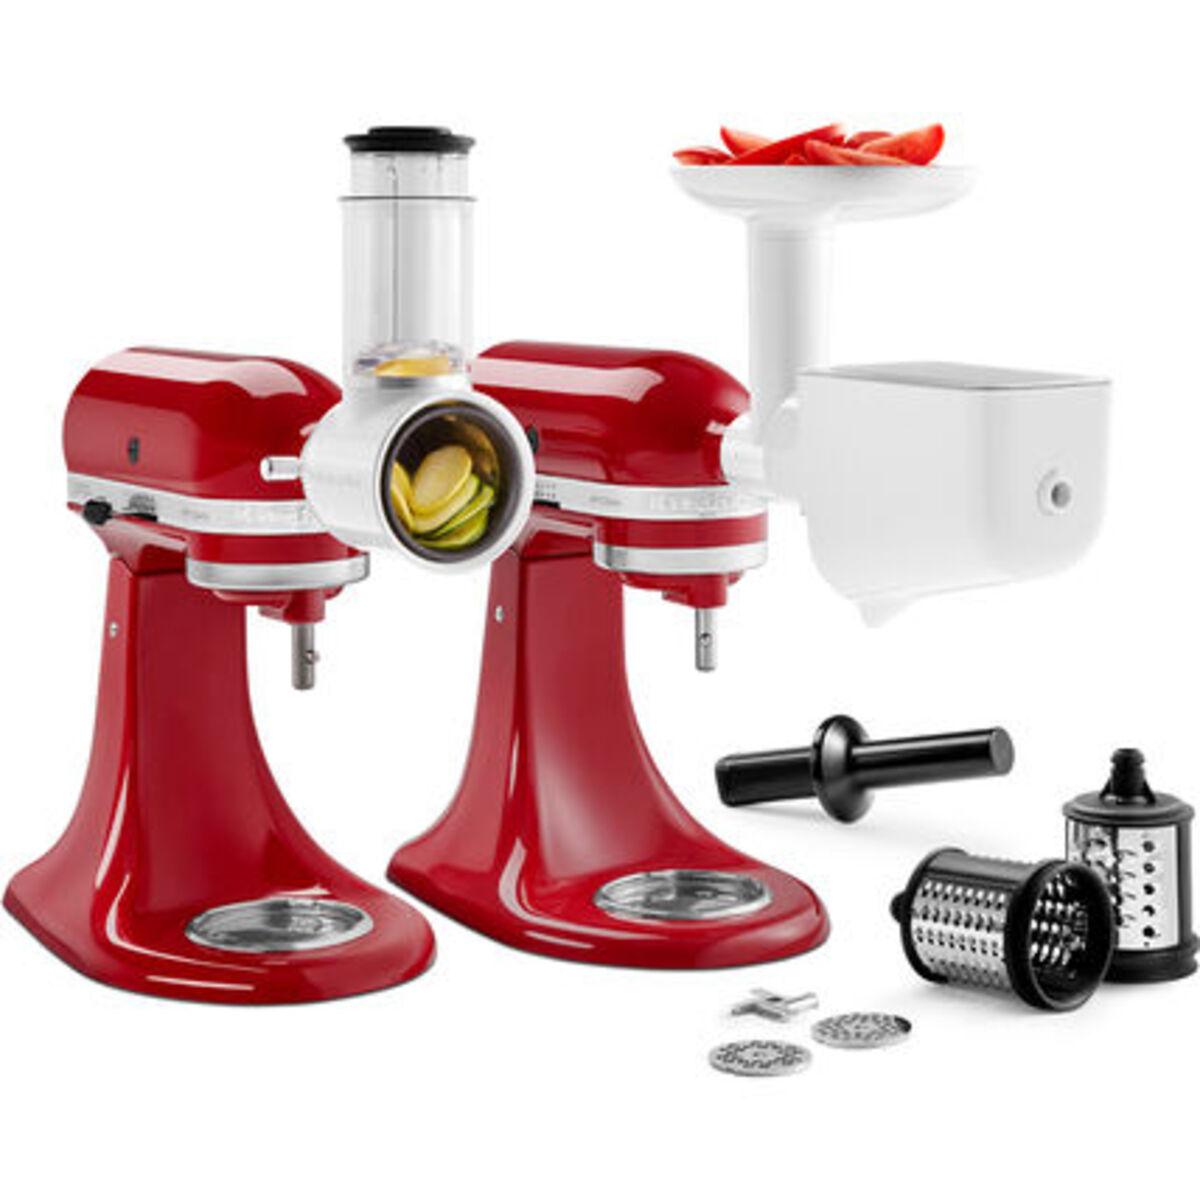 Bild 3 von KitchenAid Küchenmaschine Artisan 5KSM125EER Gourmetbundle, incl. Aufsatzset und Wurstfüllhorn, empire rot